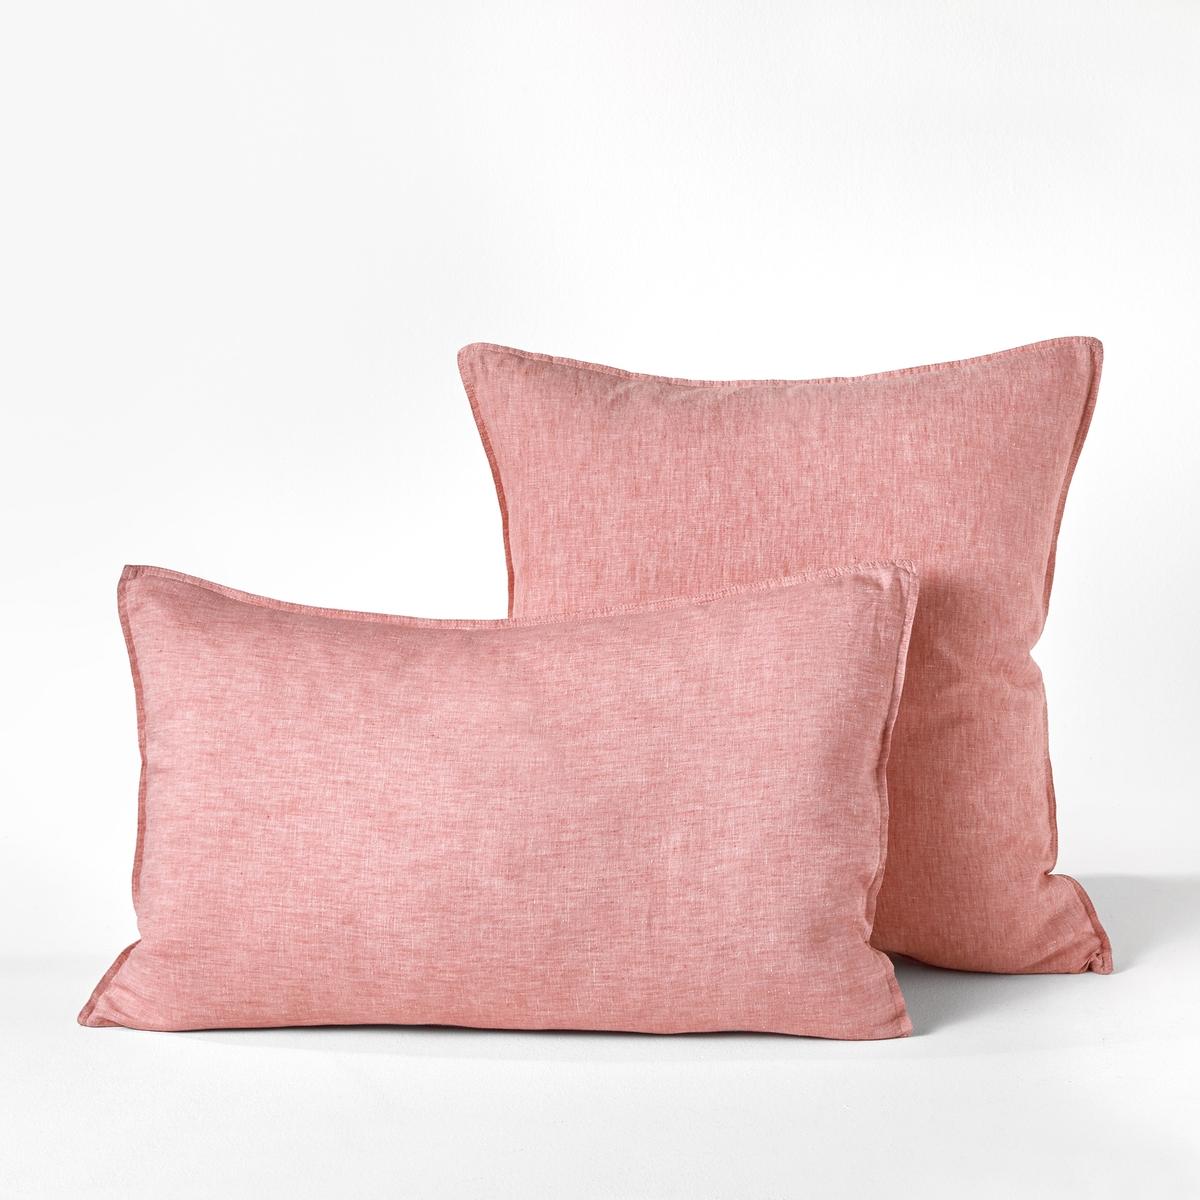 Наволочка из осветленного льна шамбре, Elina chambrayОсветленный лен. Ткань с легким жатым эффектом не требует глажки, со временем становится более мягкой и нежной.Состав :- 100% лен Отделка : - Плоский волан- Форма мешкаУход : - Машинная стирка при 40 °С Размеры :- 50 x 70 см : прямоугольная наволочка- 65 x 65 см  : квадратная наволочка<br><br>Цвет: розовый,серо-синий,серый,хаки